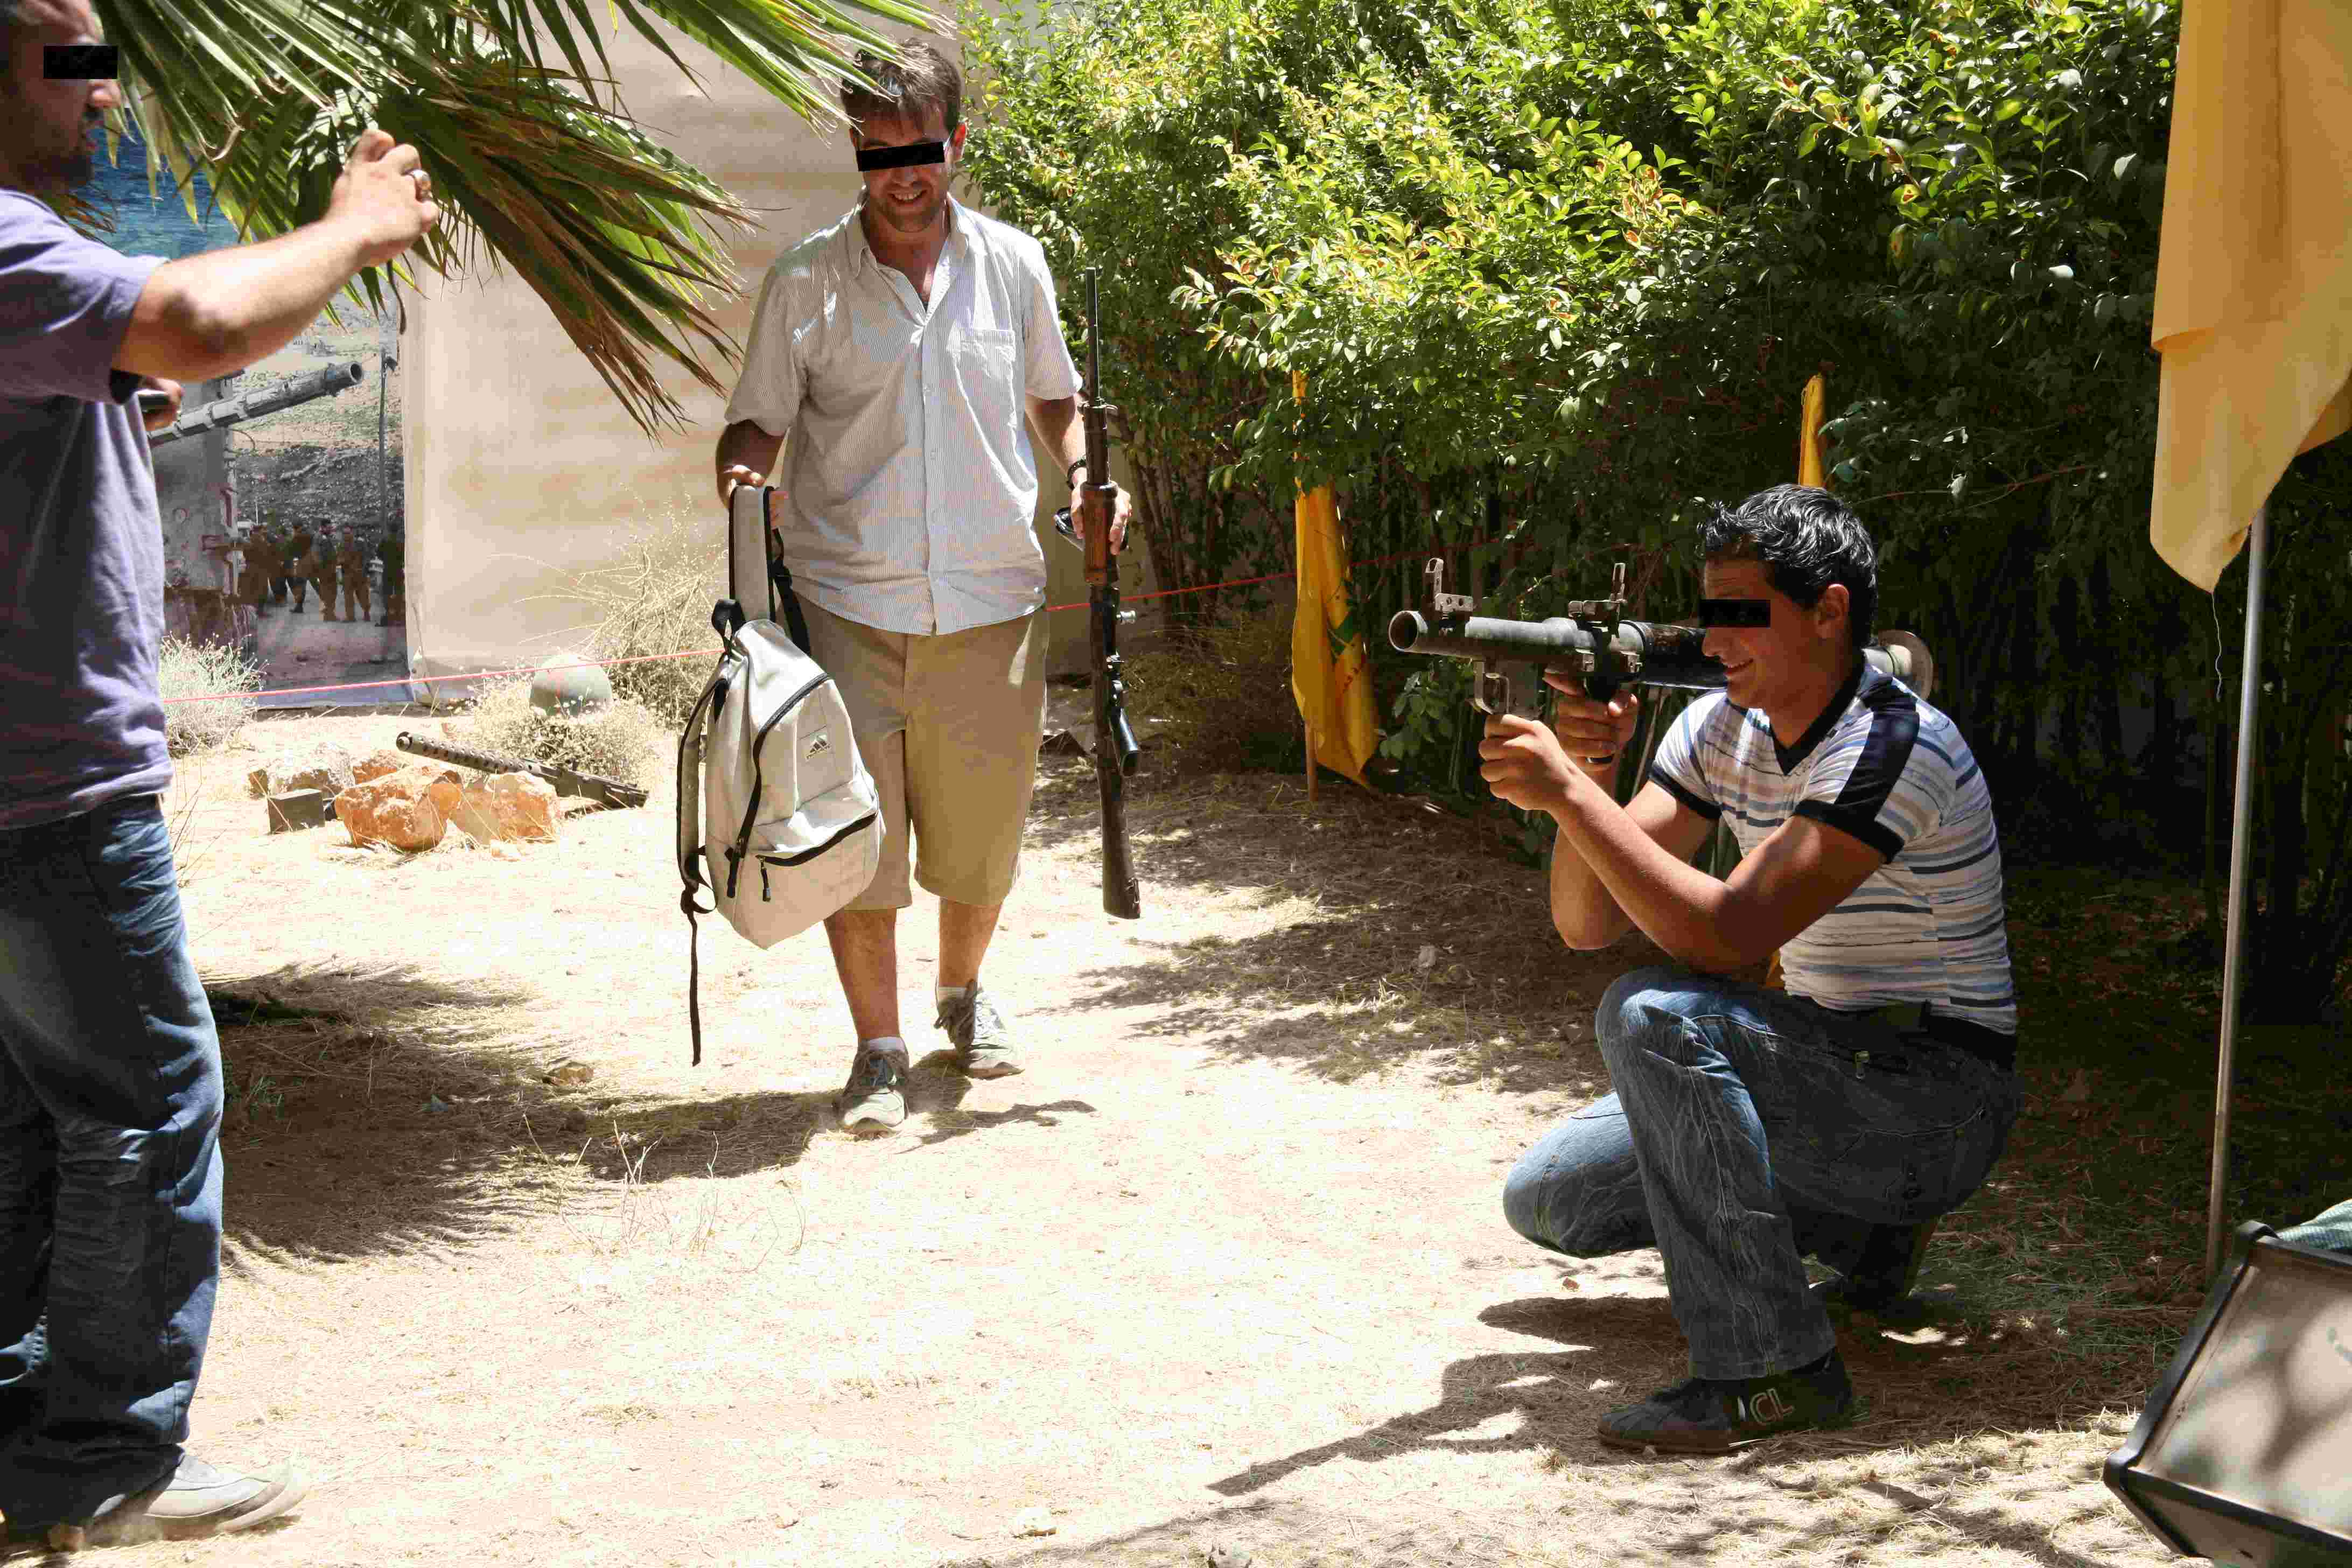 Uno de los visitantes se deja fotografiar con un bazooka